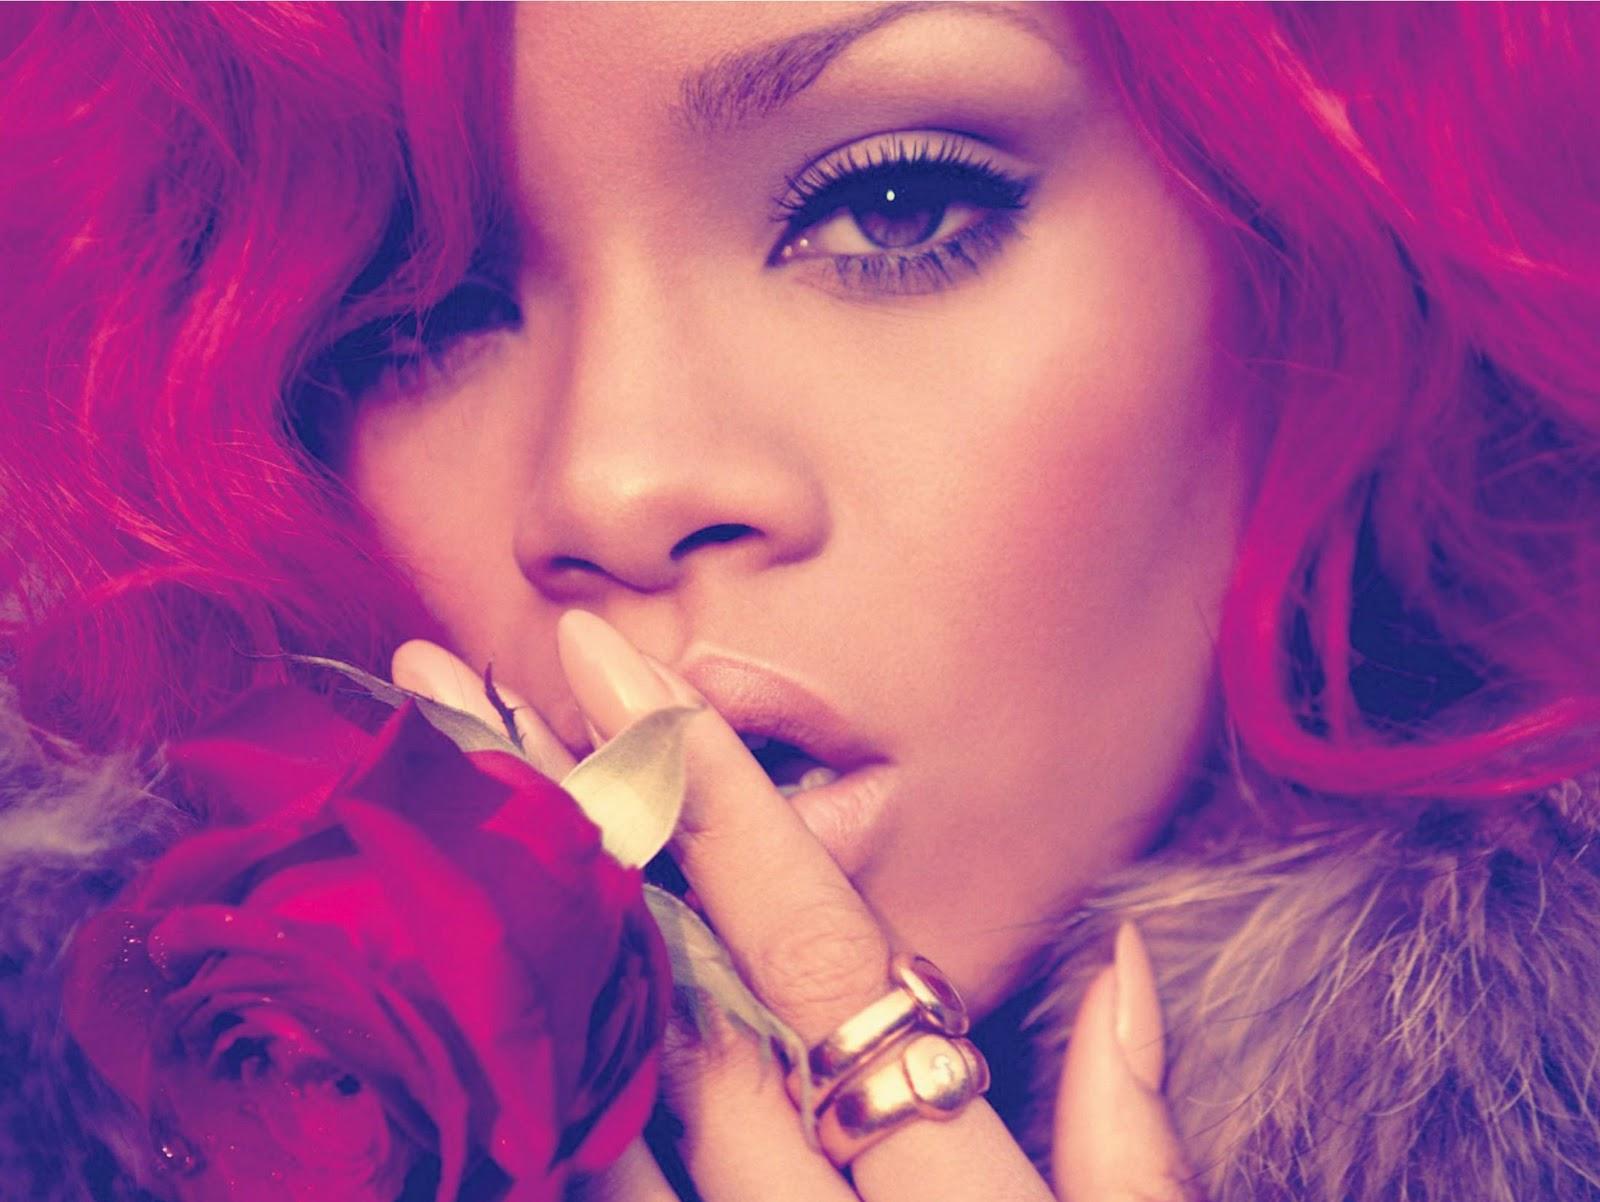 http://2.bp.blogspot.com/_PGj89ytP1AM/TUrERJDLuPI/AAAAAAAAAqM/hu_7vbp-qas/s1600/Rihanna-Loud-Album-Booklet%255B1%255D.jpg